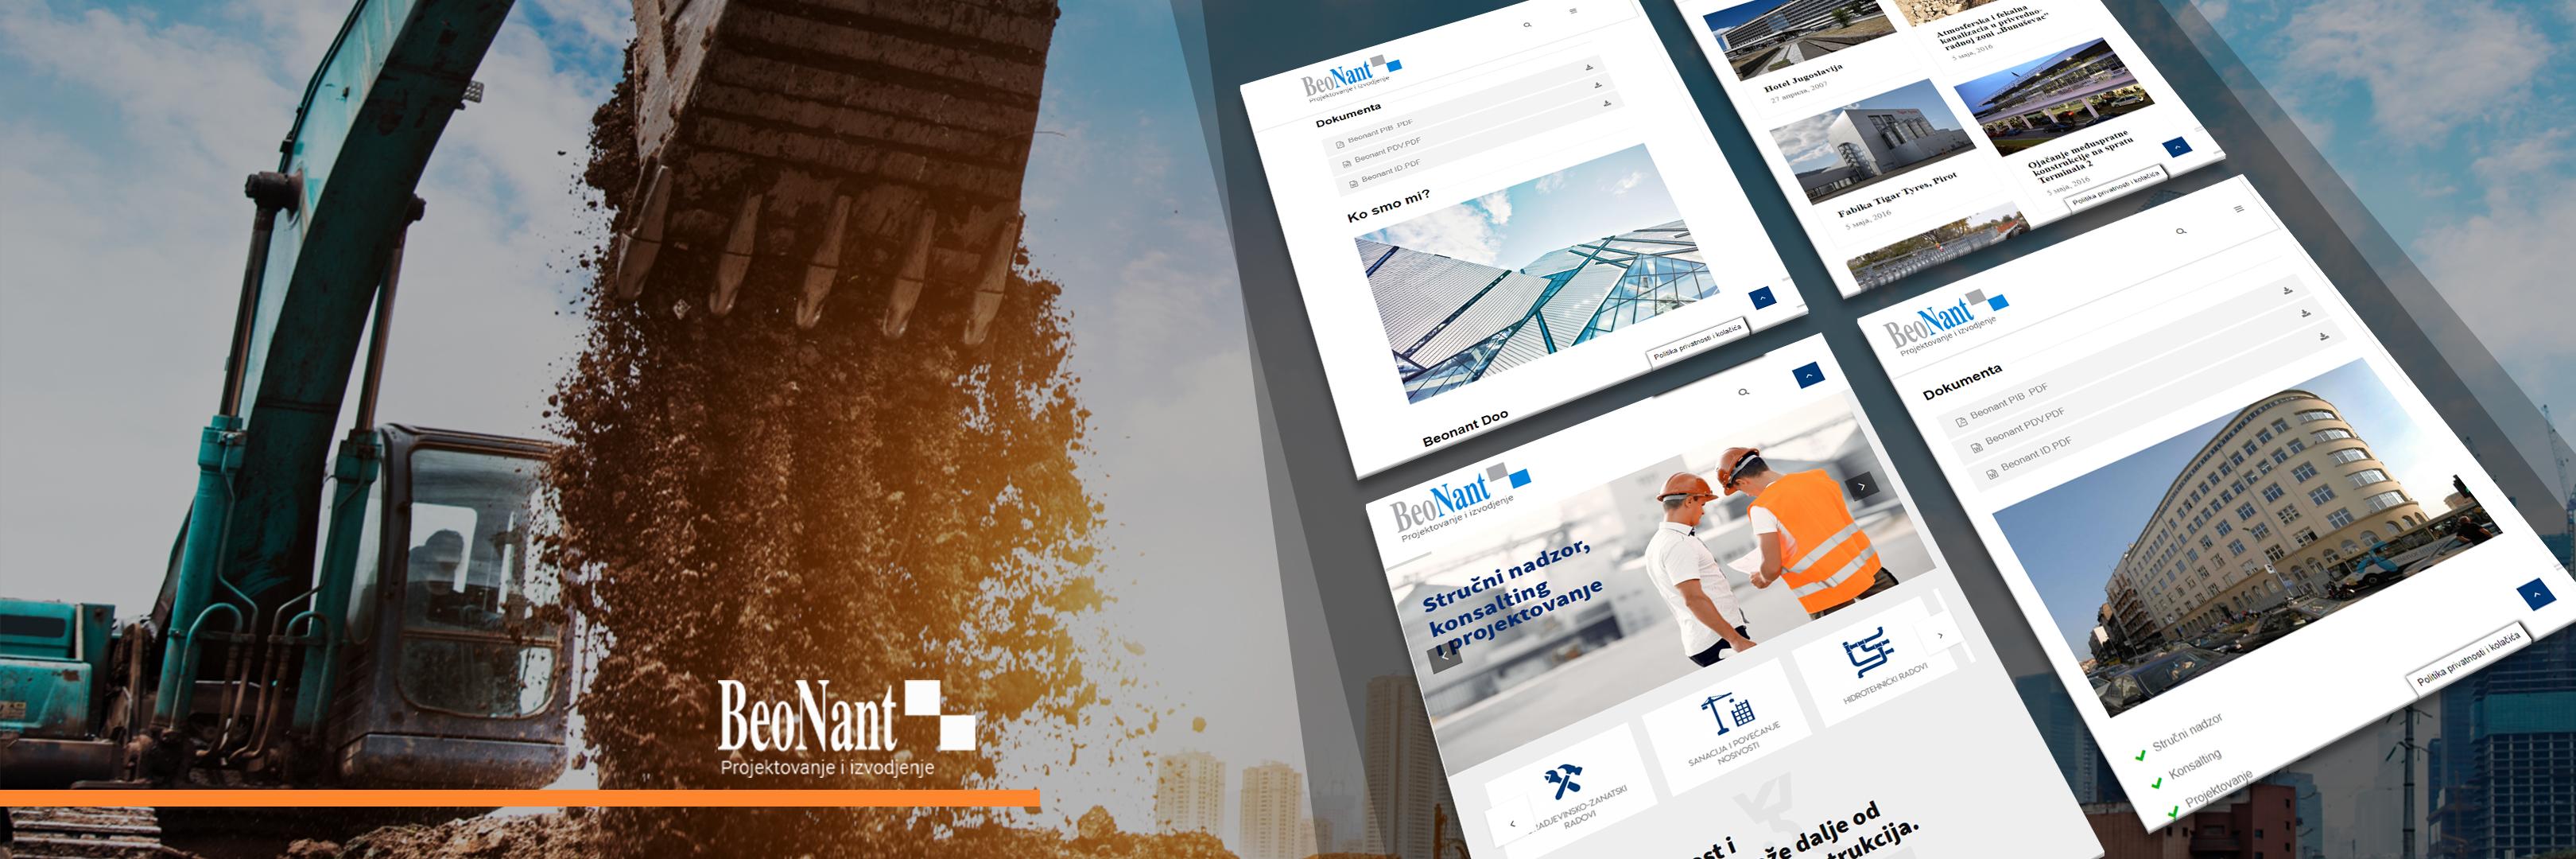 Izrada WordPress sajta za gradjevinsku firmu Beonant